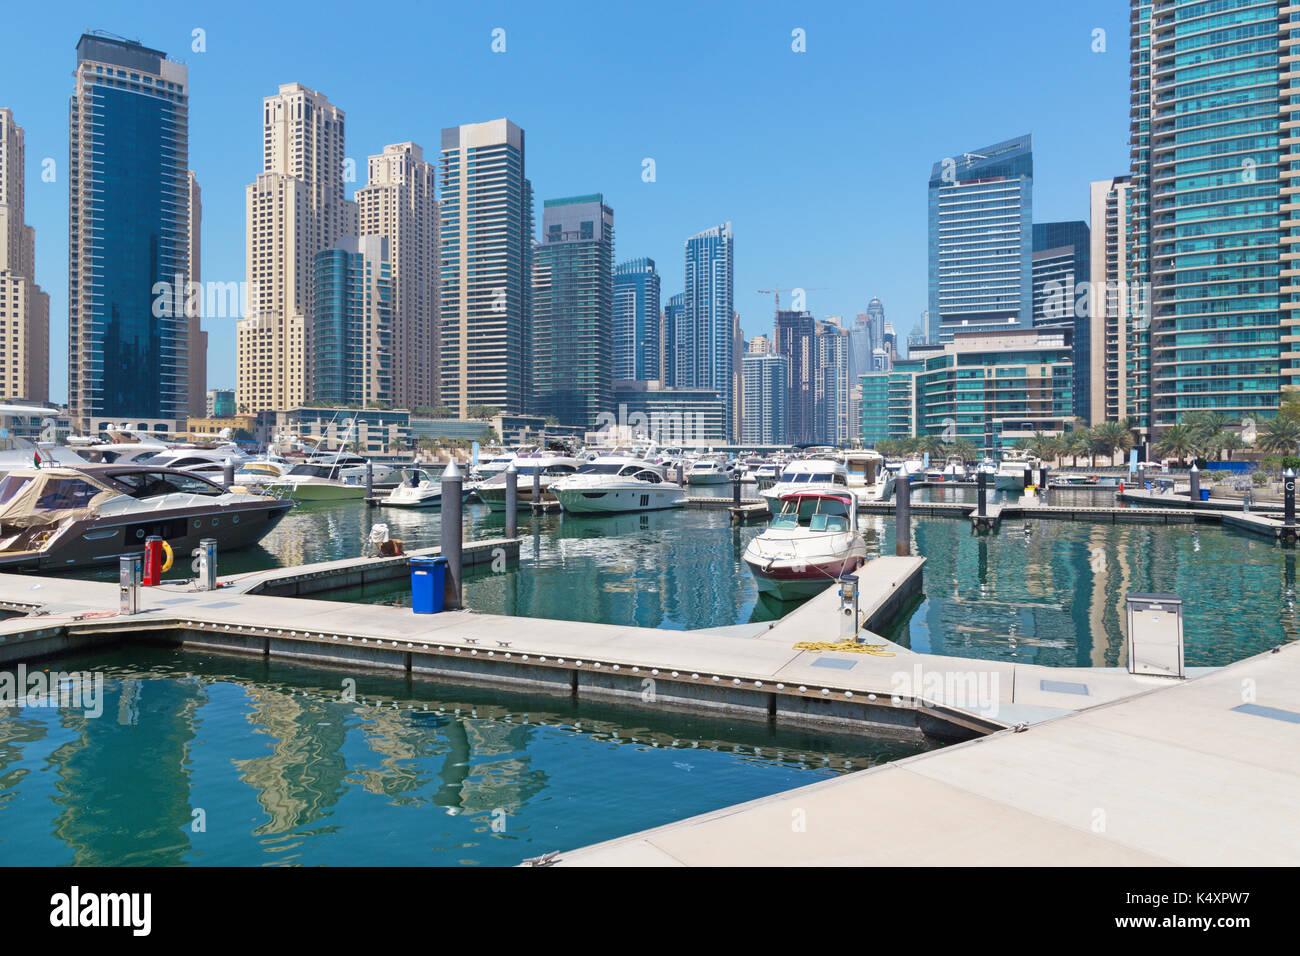 Dubai - The promenade of Marina and the yachts. - Stock Image